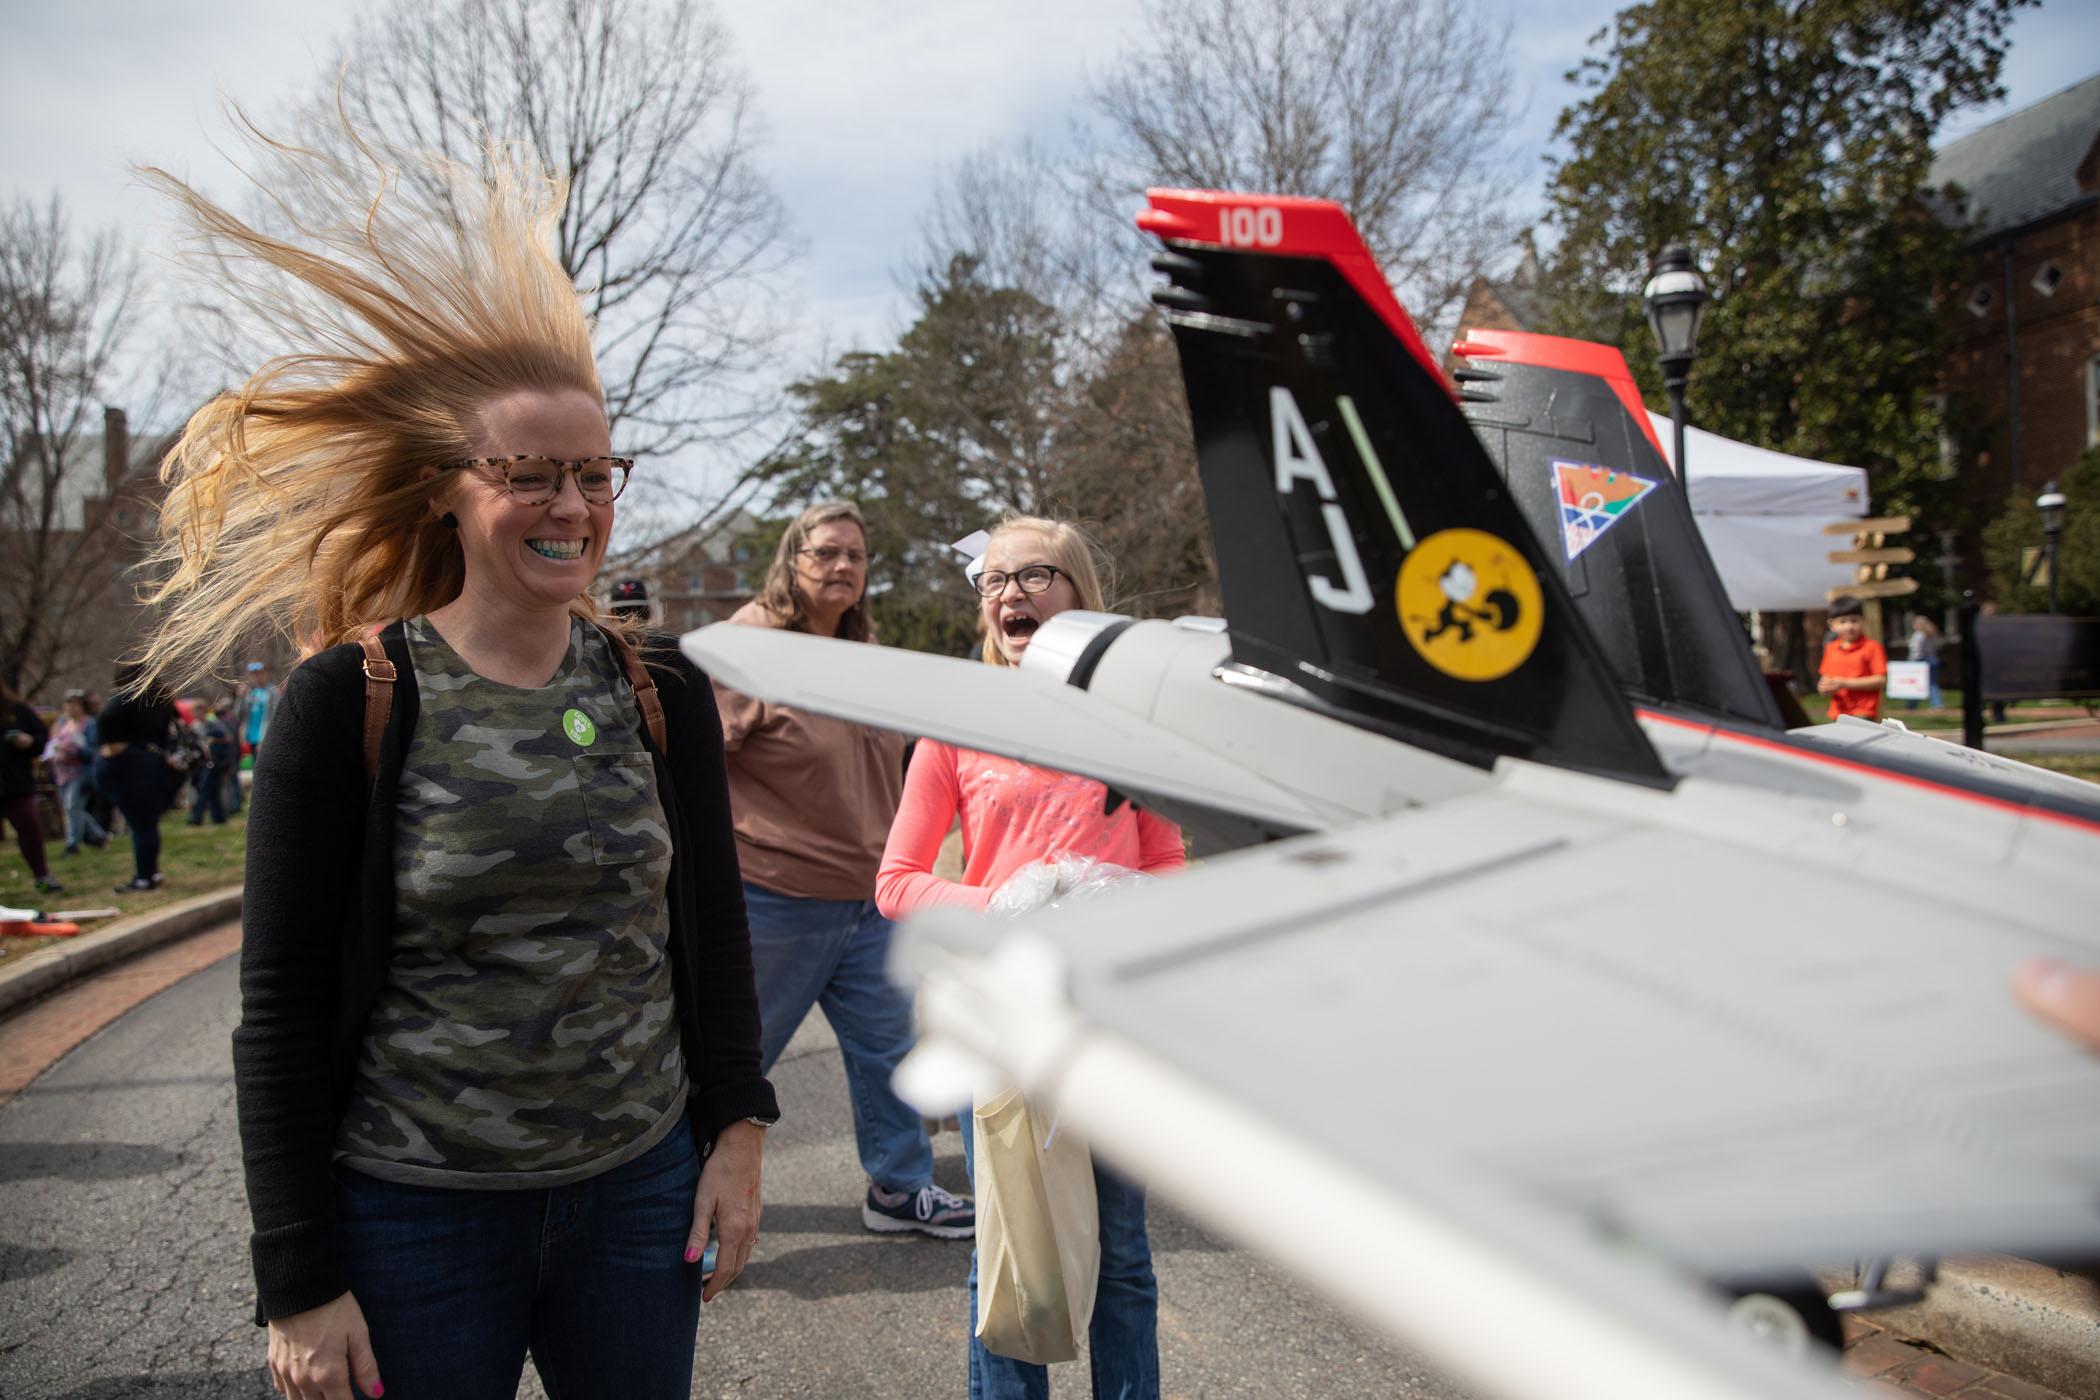 randolph-college-scifest-worlds-fastest-hair-dryer